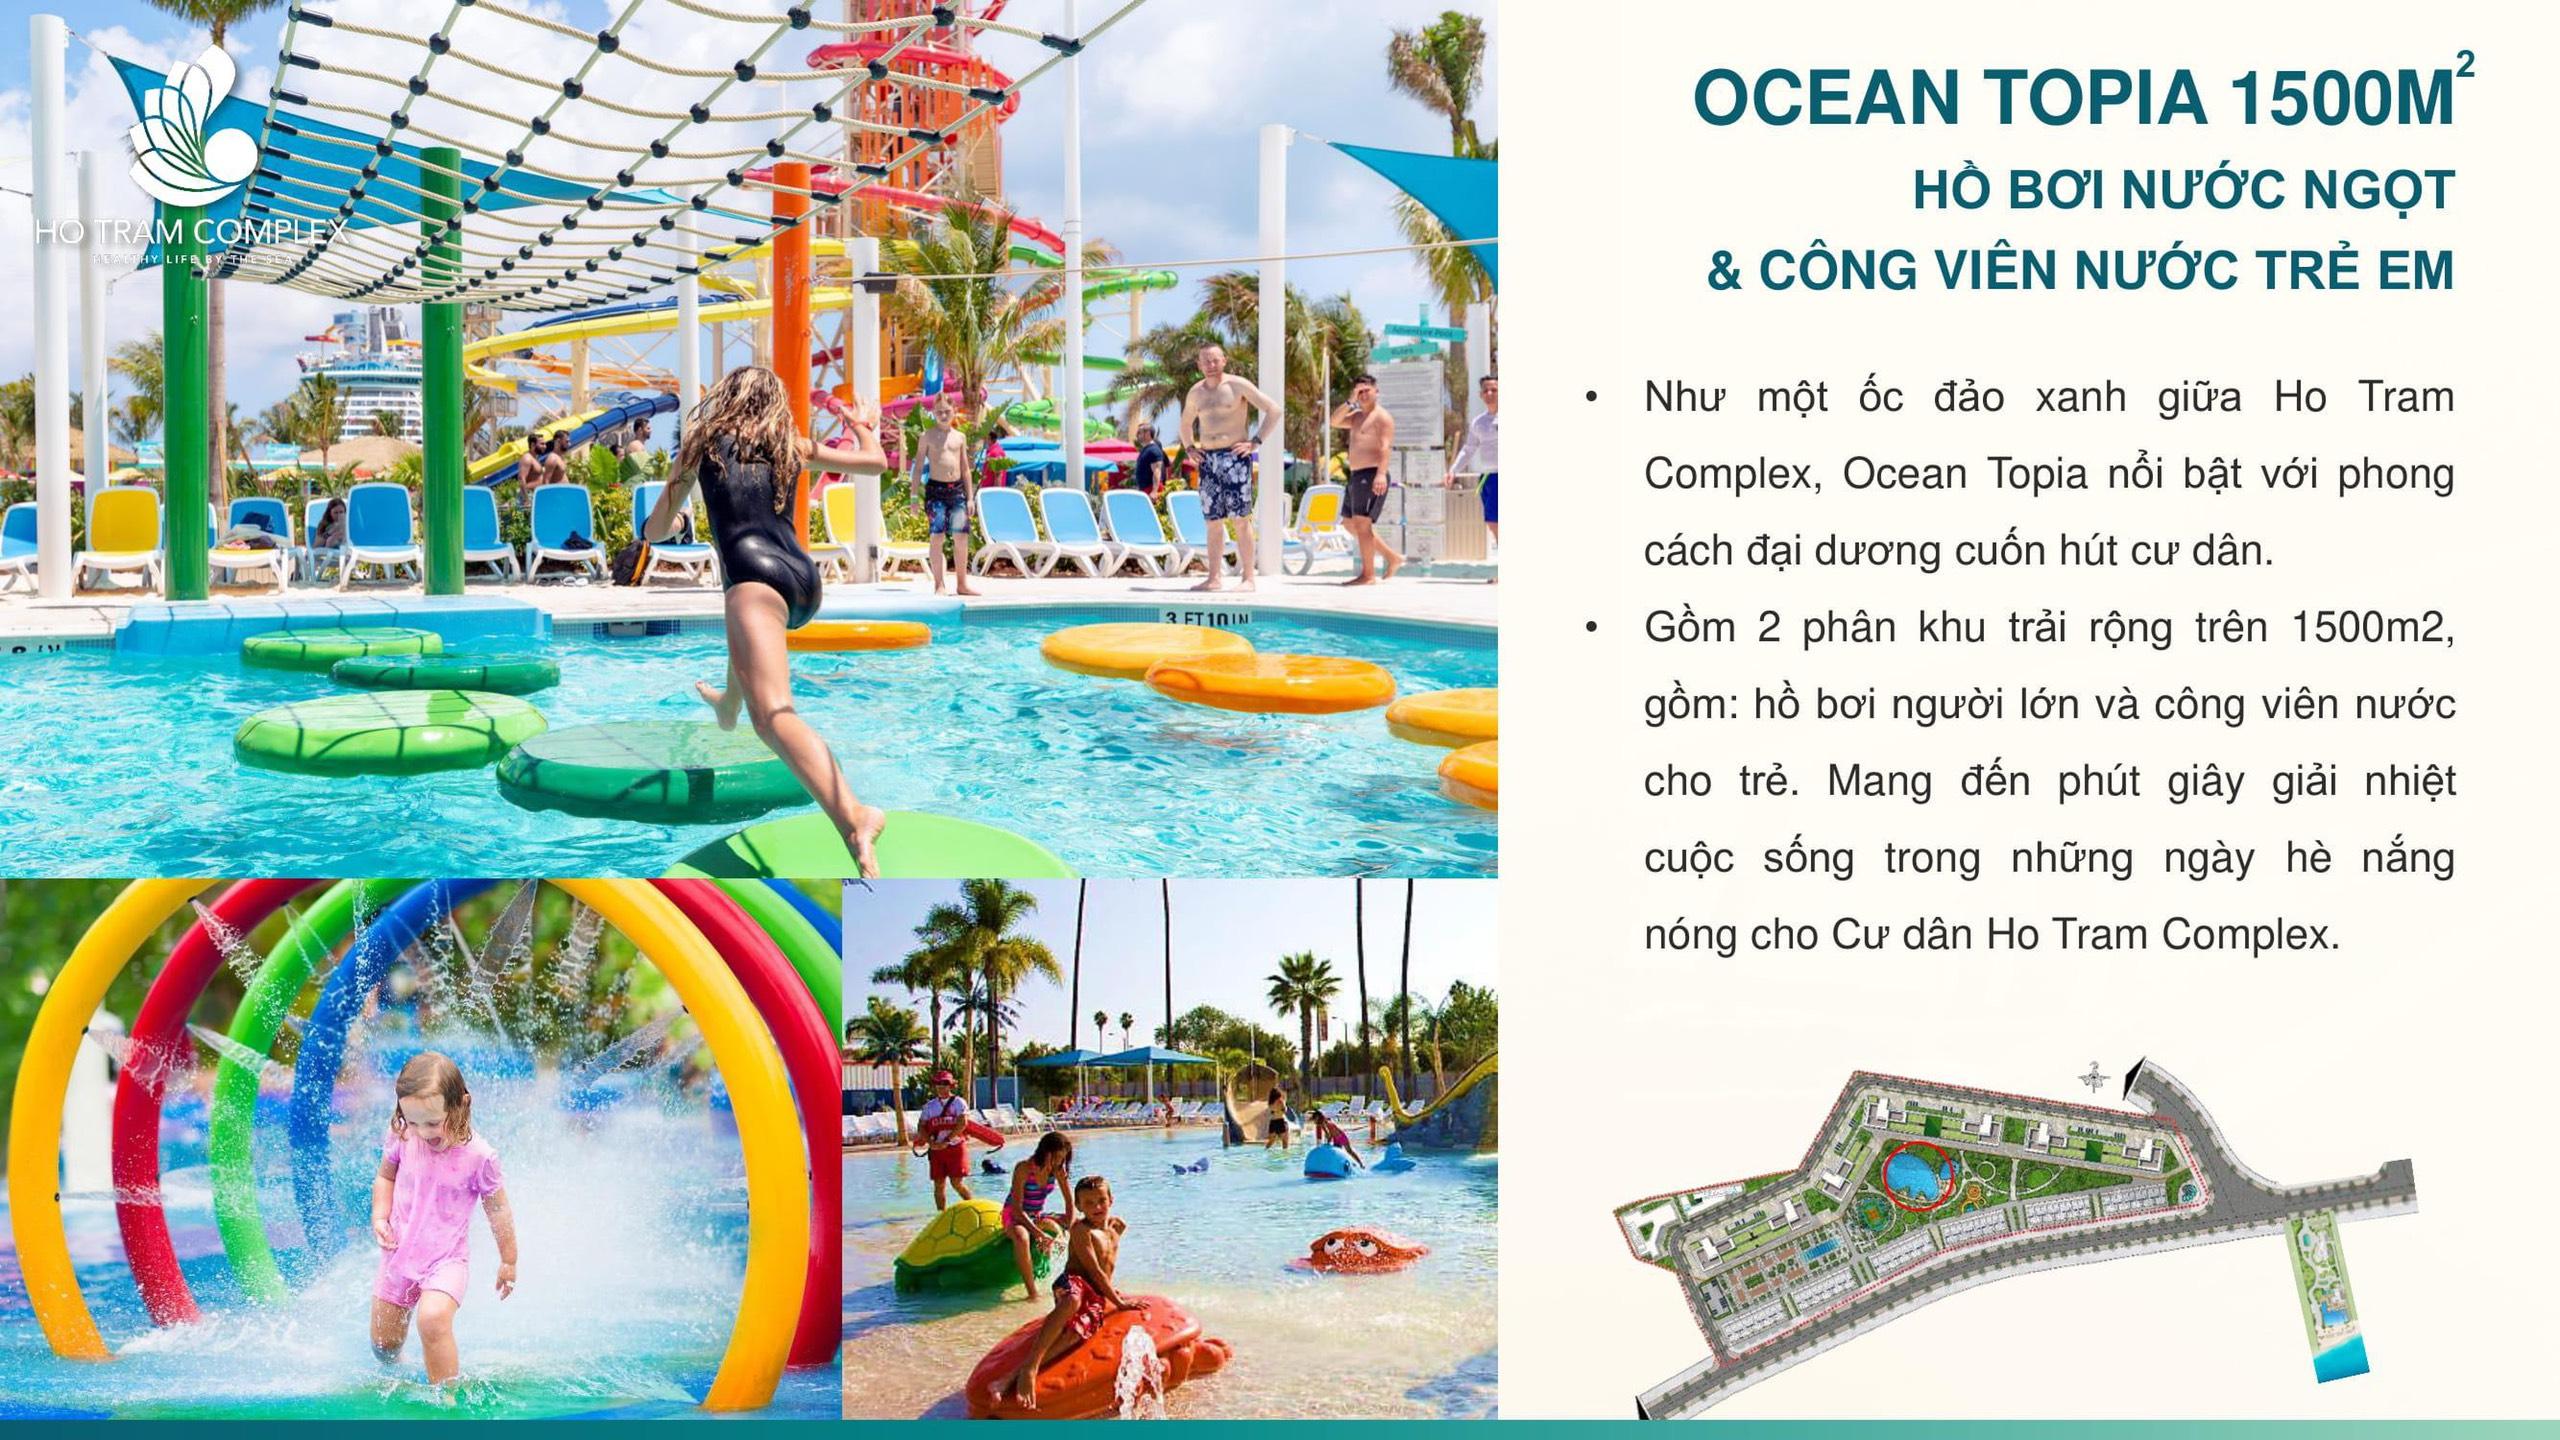 Hồ Tràm Complex -OCEAN TOPIA